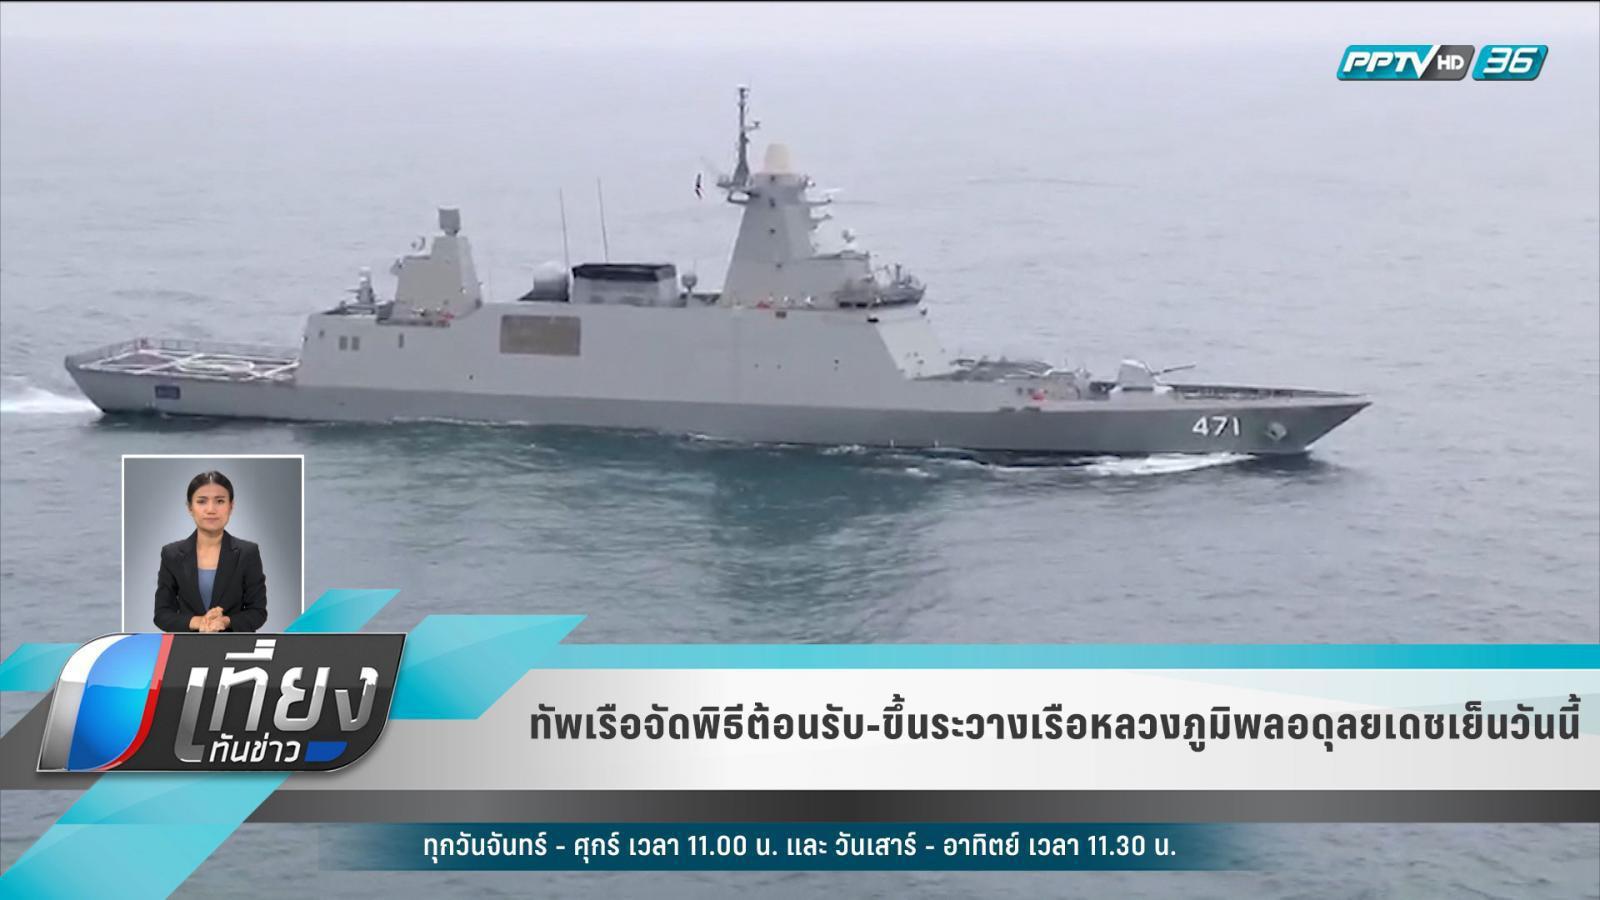 """กองทัพเรือ จัดพิธีต้อนรับ-ขึ้นระวาง """"ร.ล.ภูมิพลอดุยเดช"""" เย็นวันนี้"""